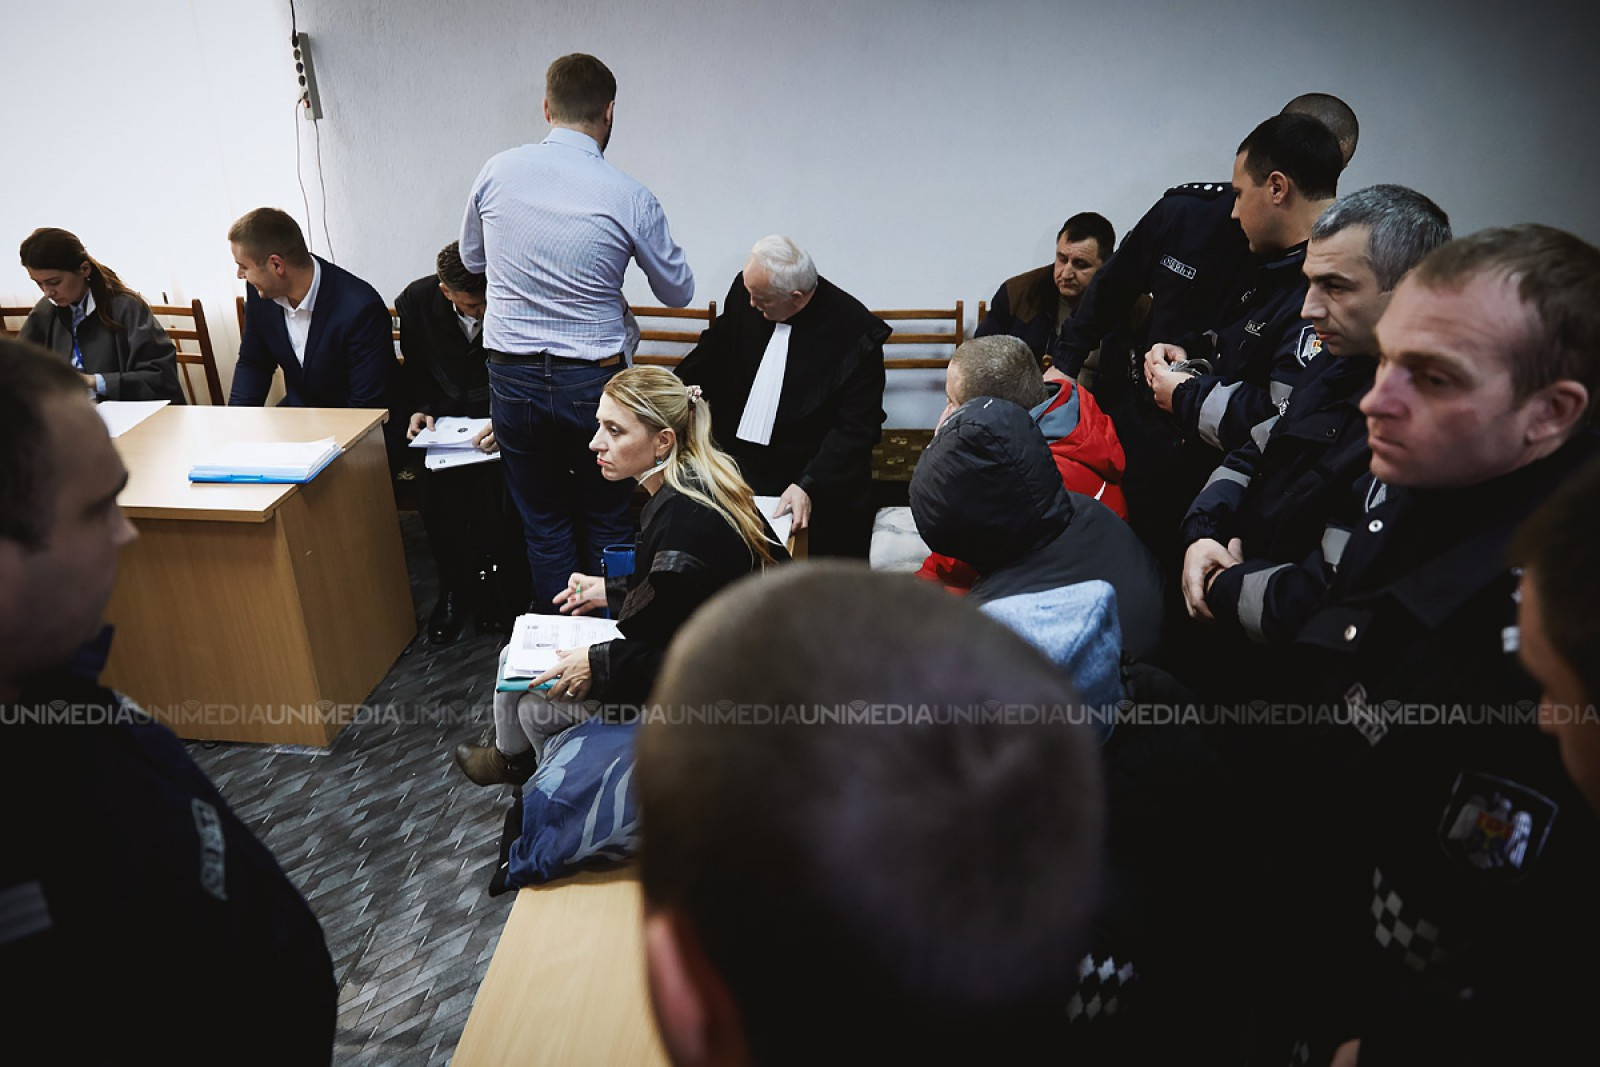 Cazul Andrei Braguța: Încă 13 poliţişti, acuzați de tratament inuman, trimişi în judecată